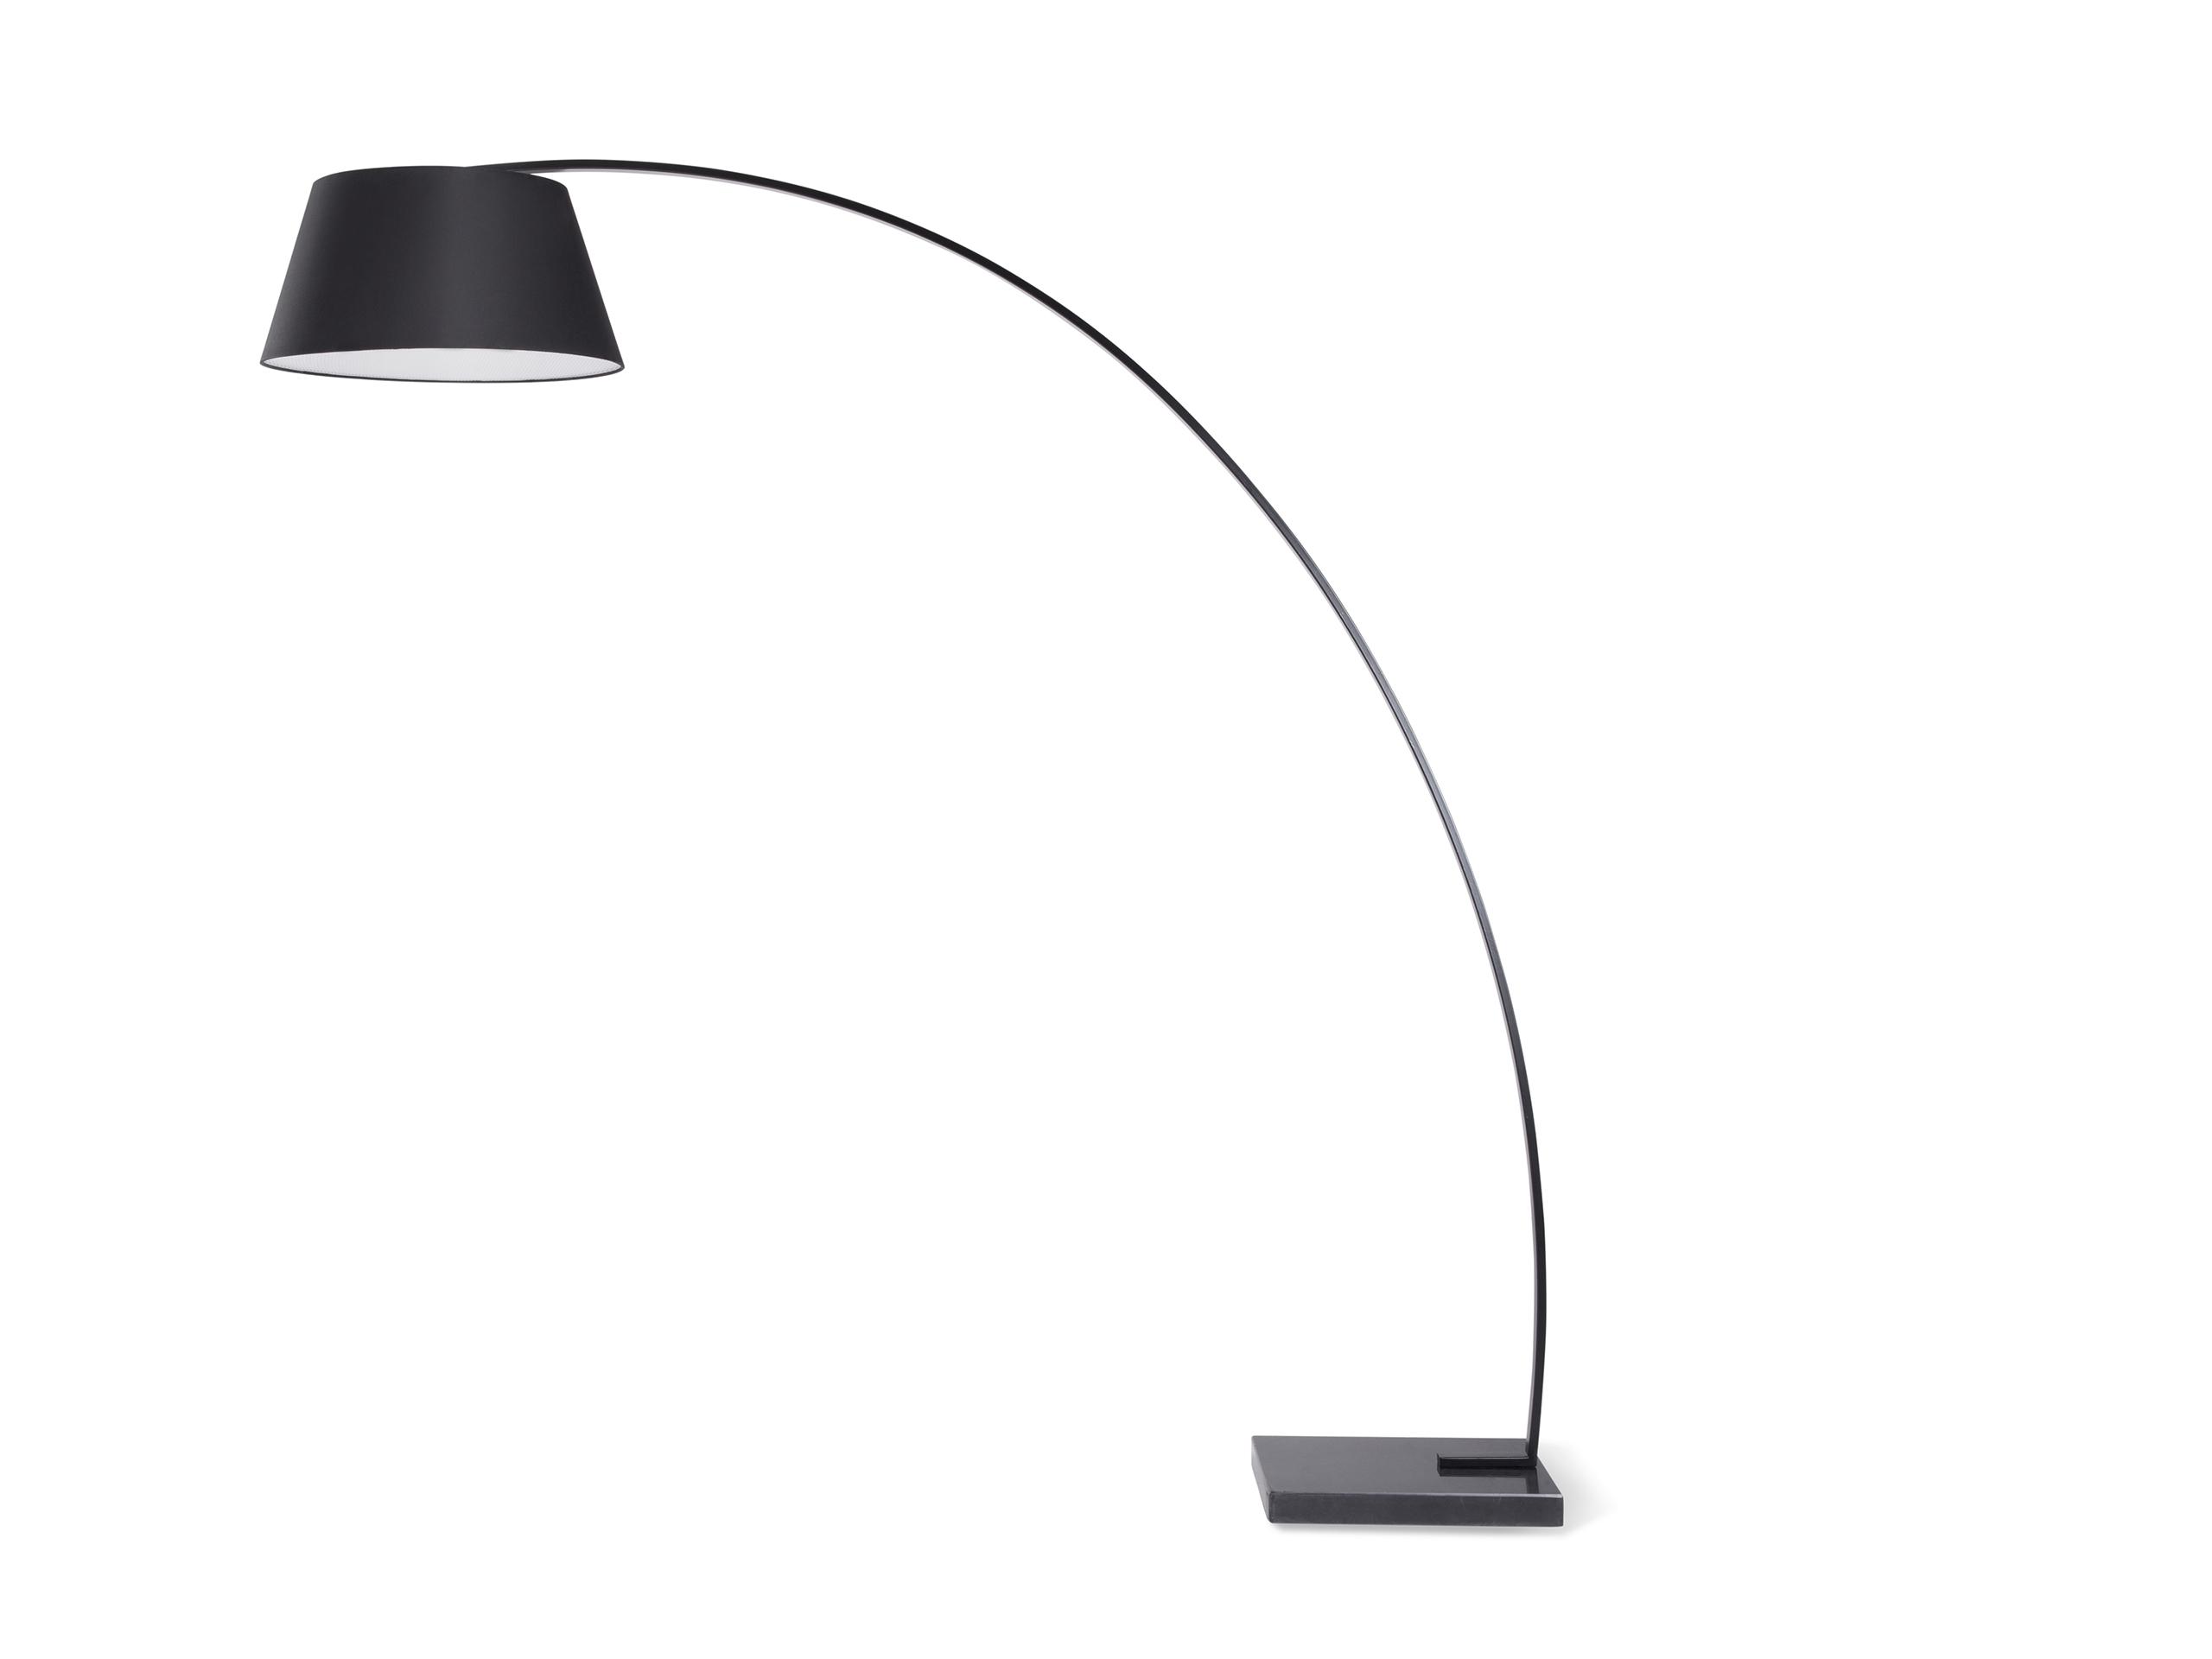 Lampa Stojąca Podłogowa Czarna Benue 6975741276 Oficjalne